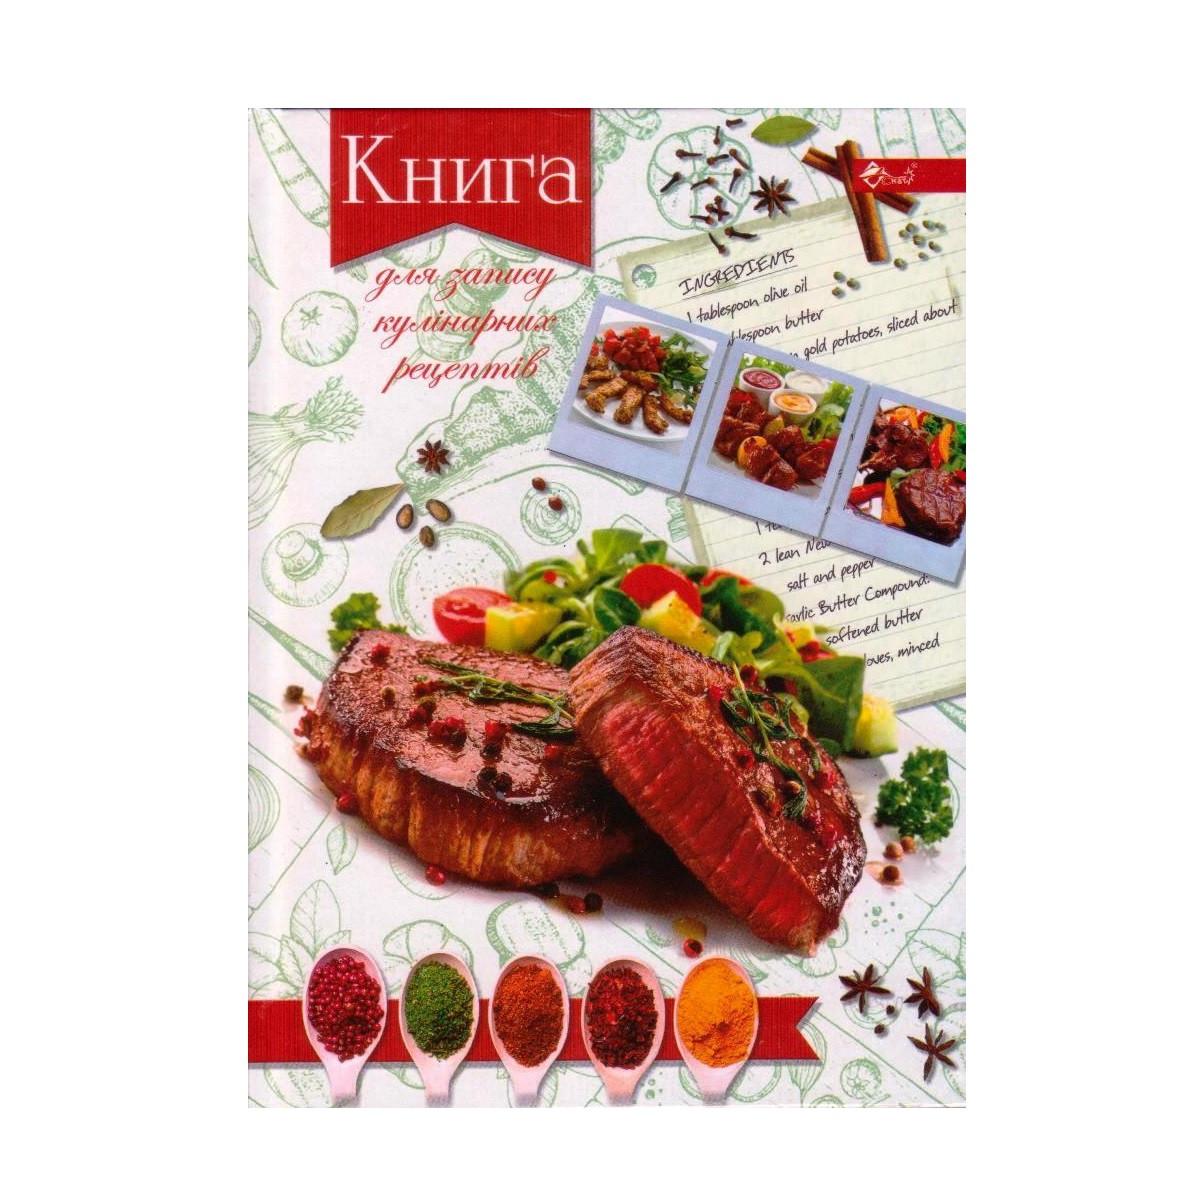 Книга для записи кулинарных рецептов А5, ТП-29,  тв. переплёт